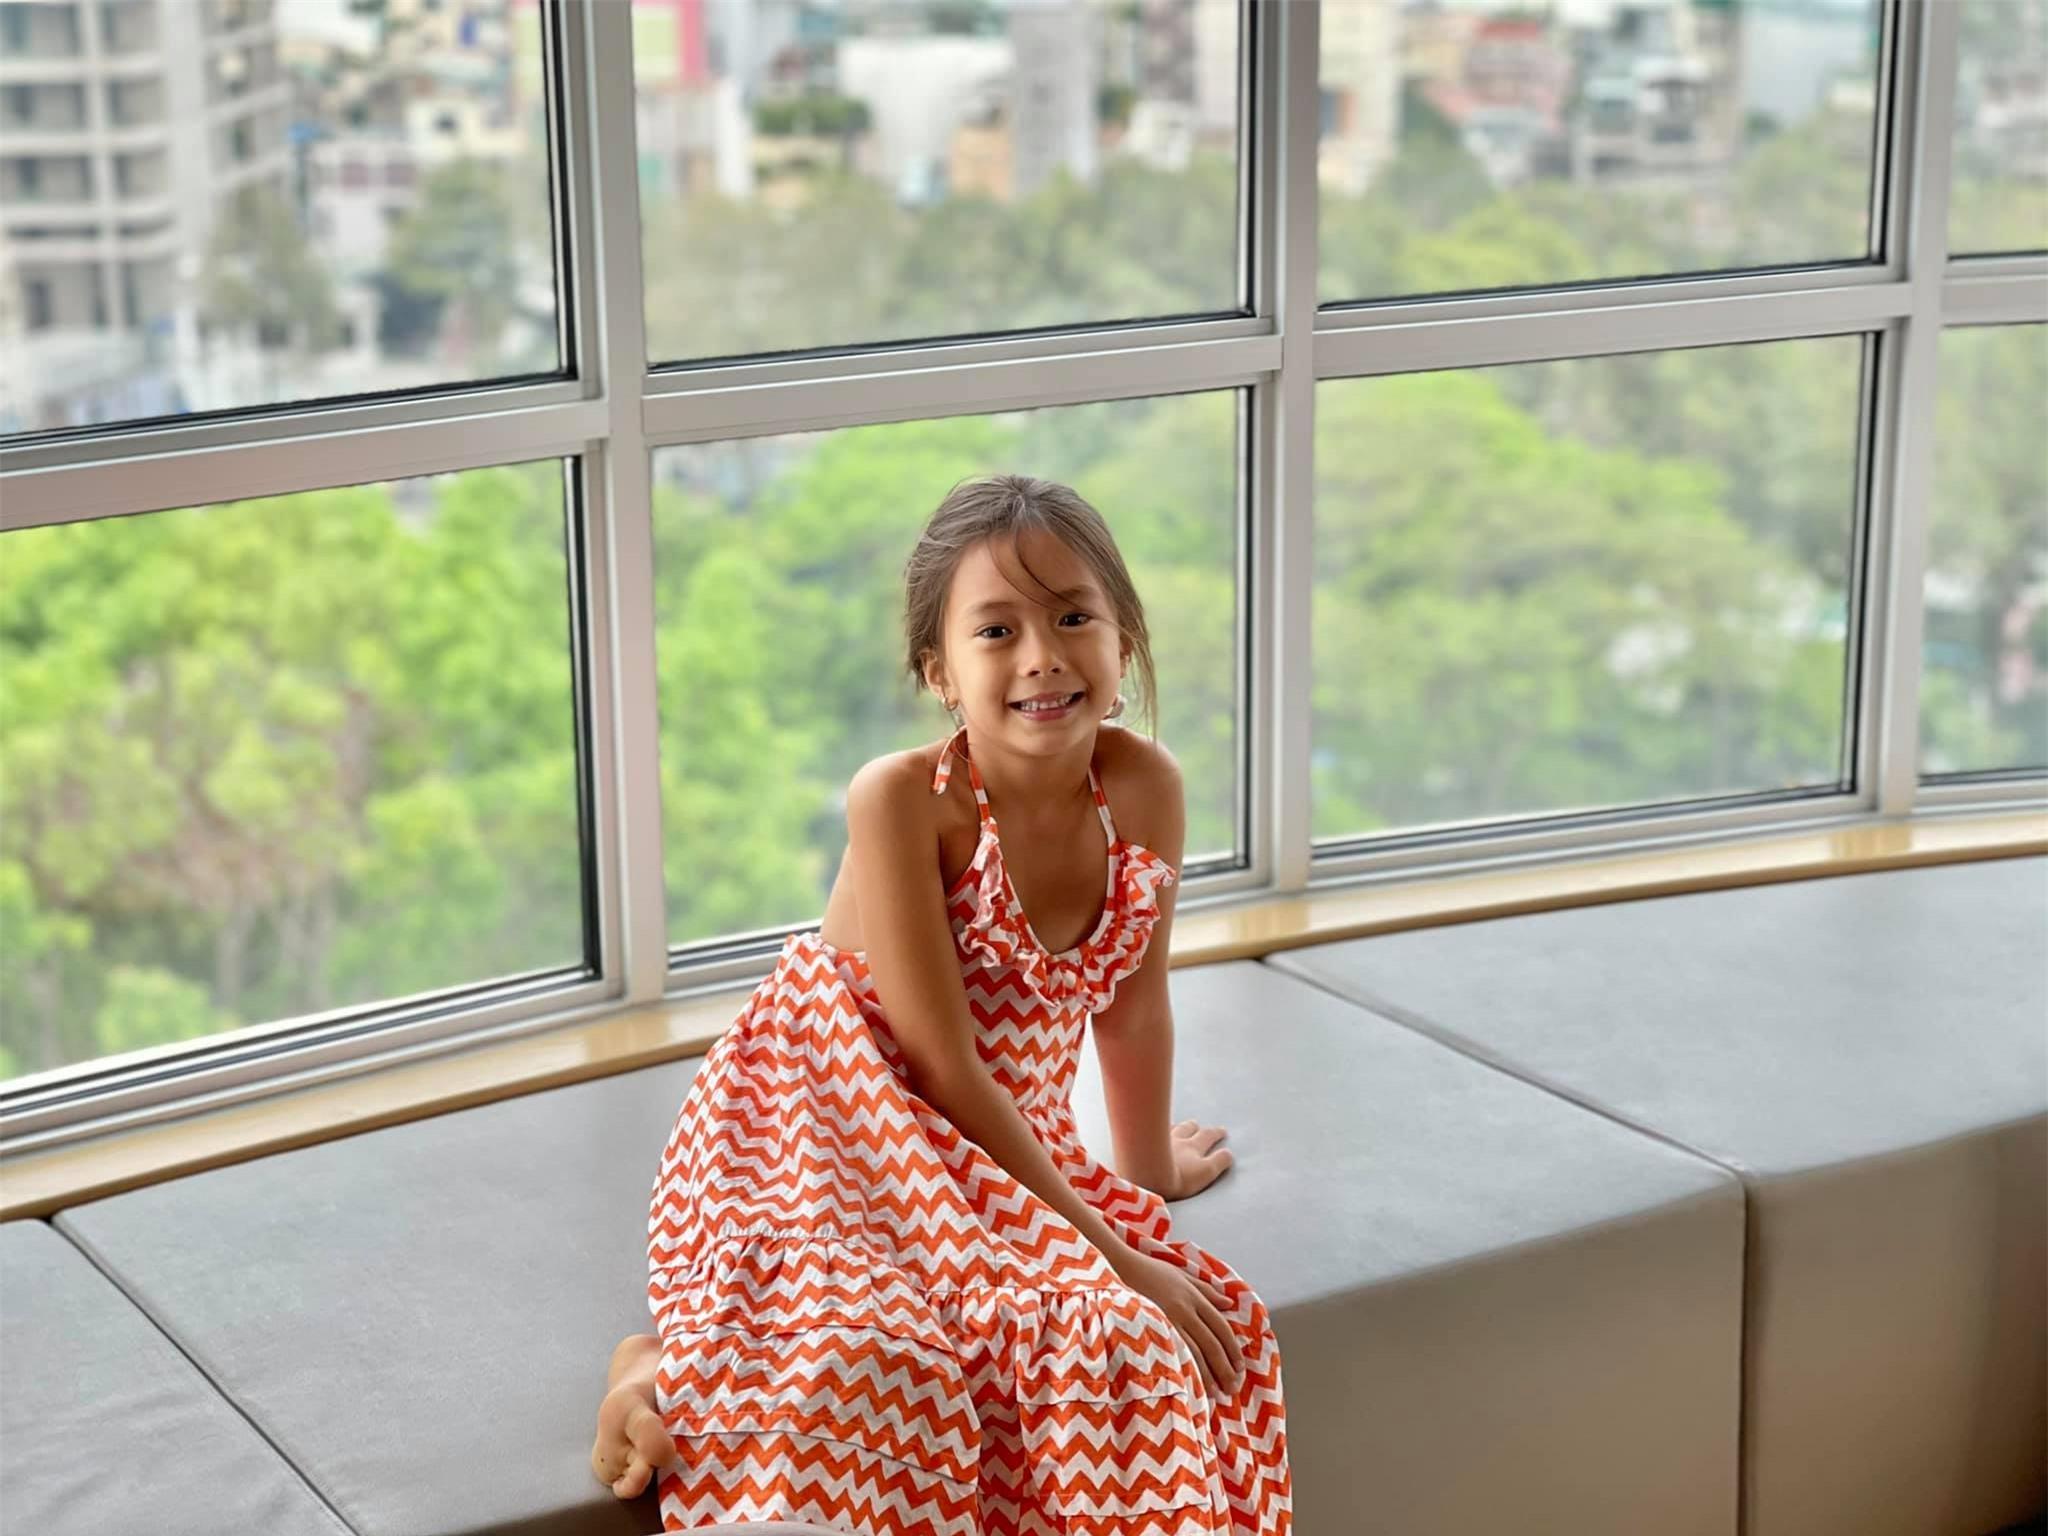 Đoan Trang có cô con gái mới 7 tuổi nhưng thần thái cực đỉnh, mỉm cười nhẹ 1 phát đã giật luôn spotlight của bố mẹ - Ảnh 5.